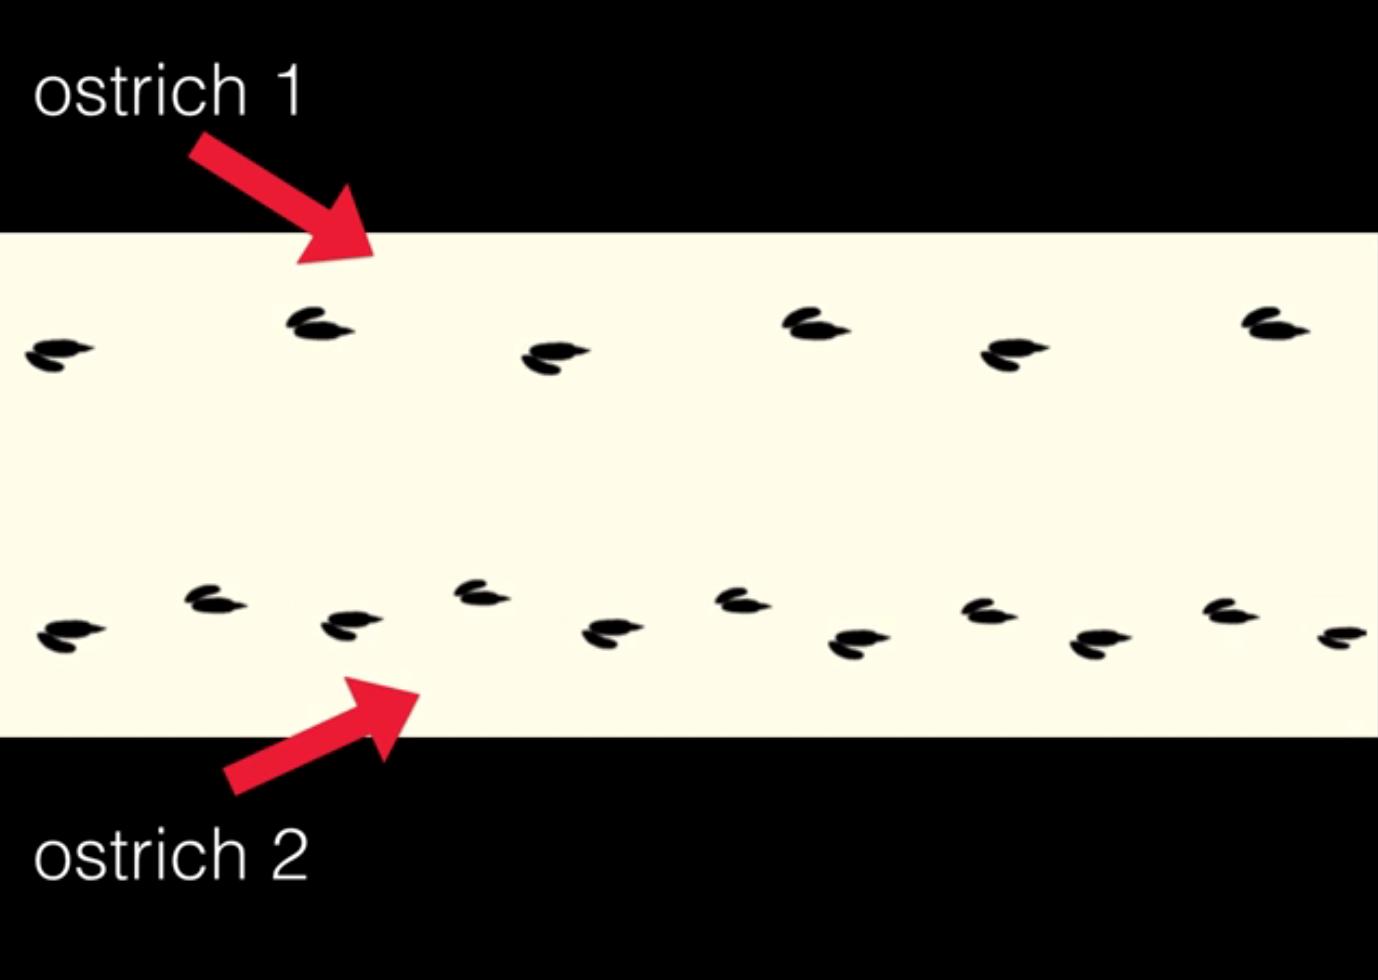 OstrichFootprints